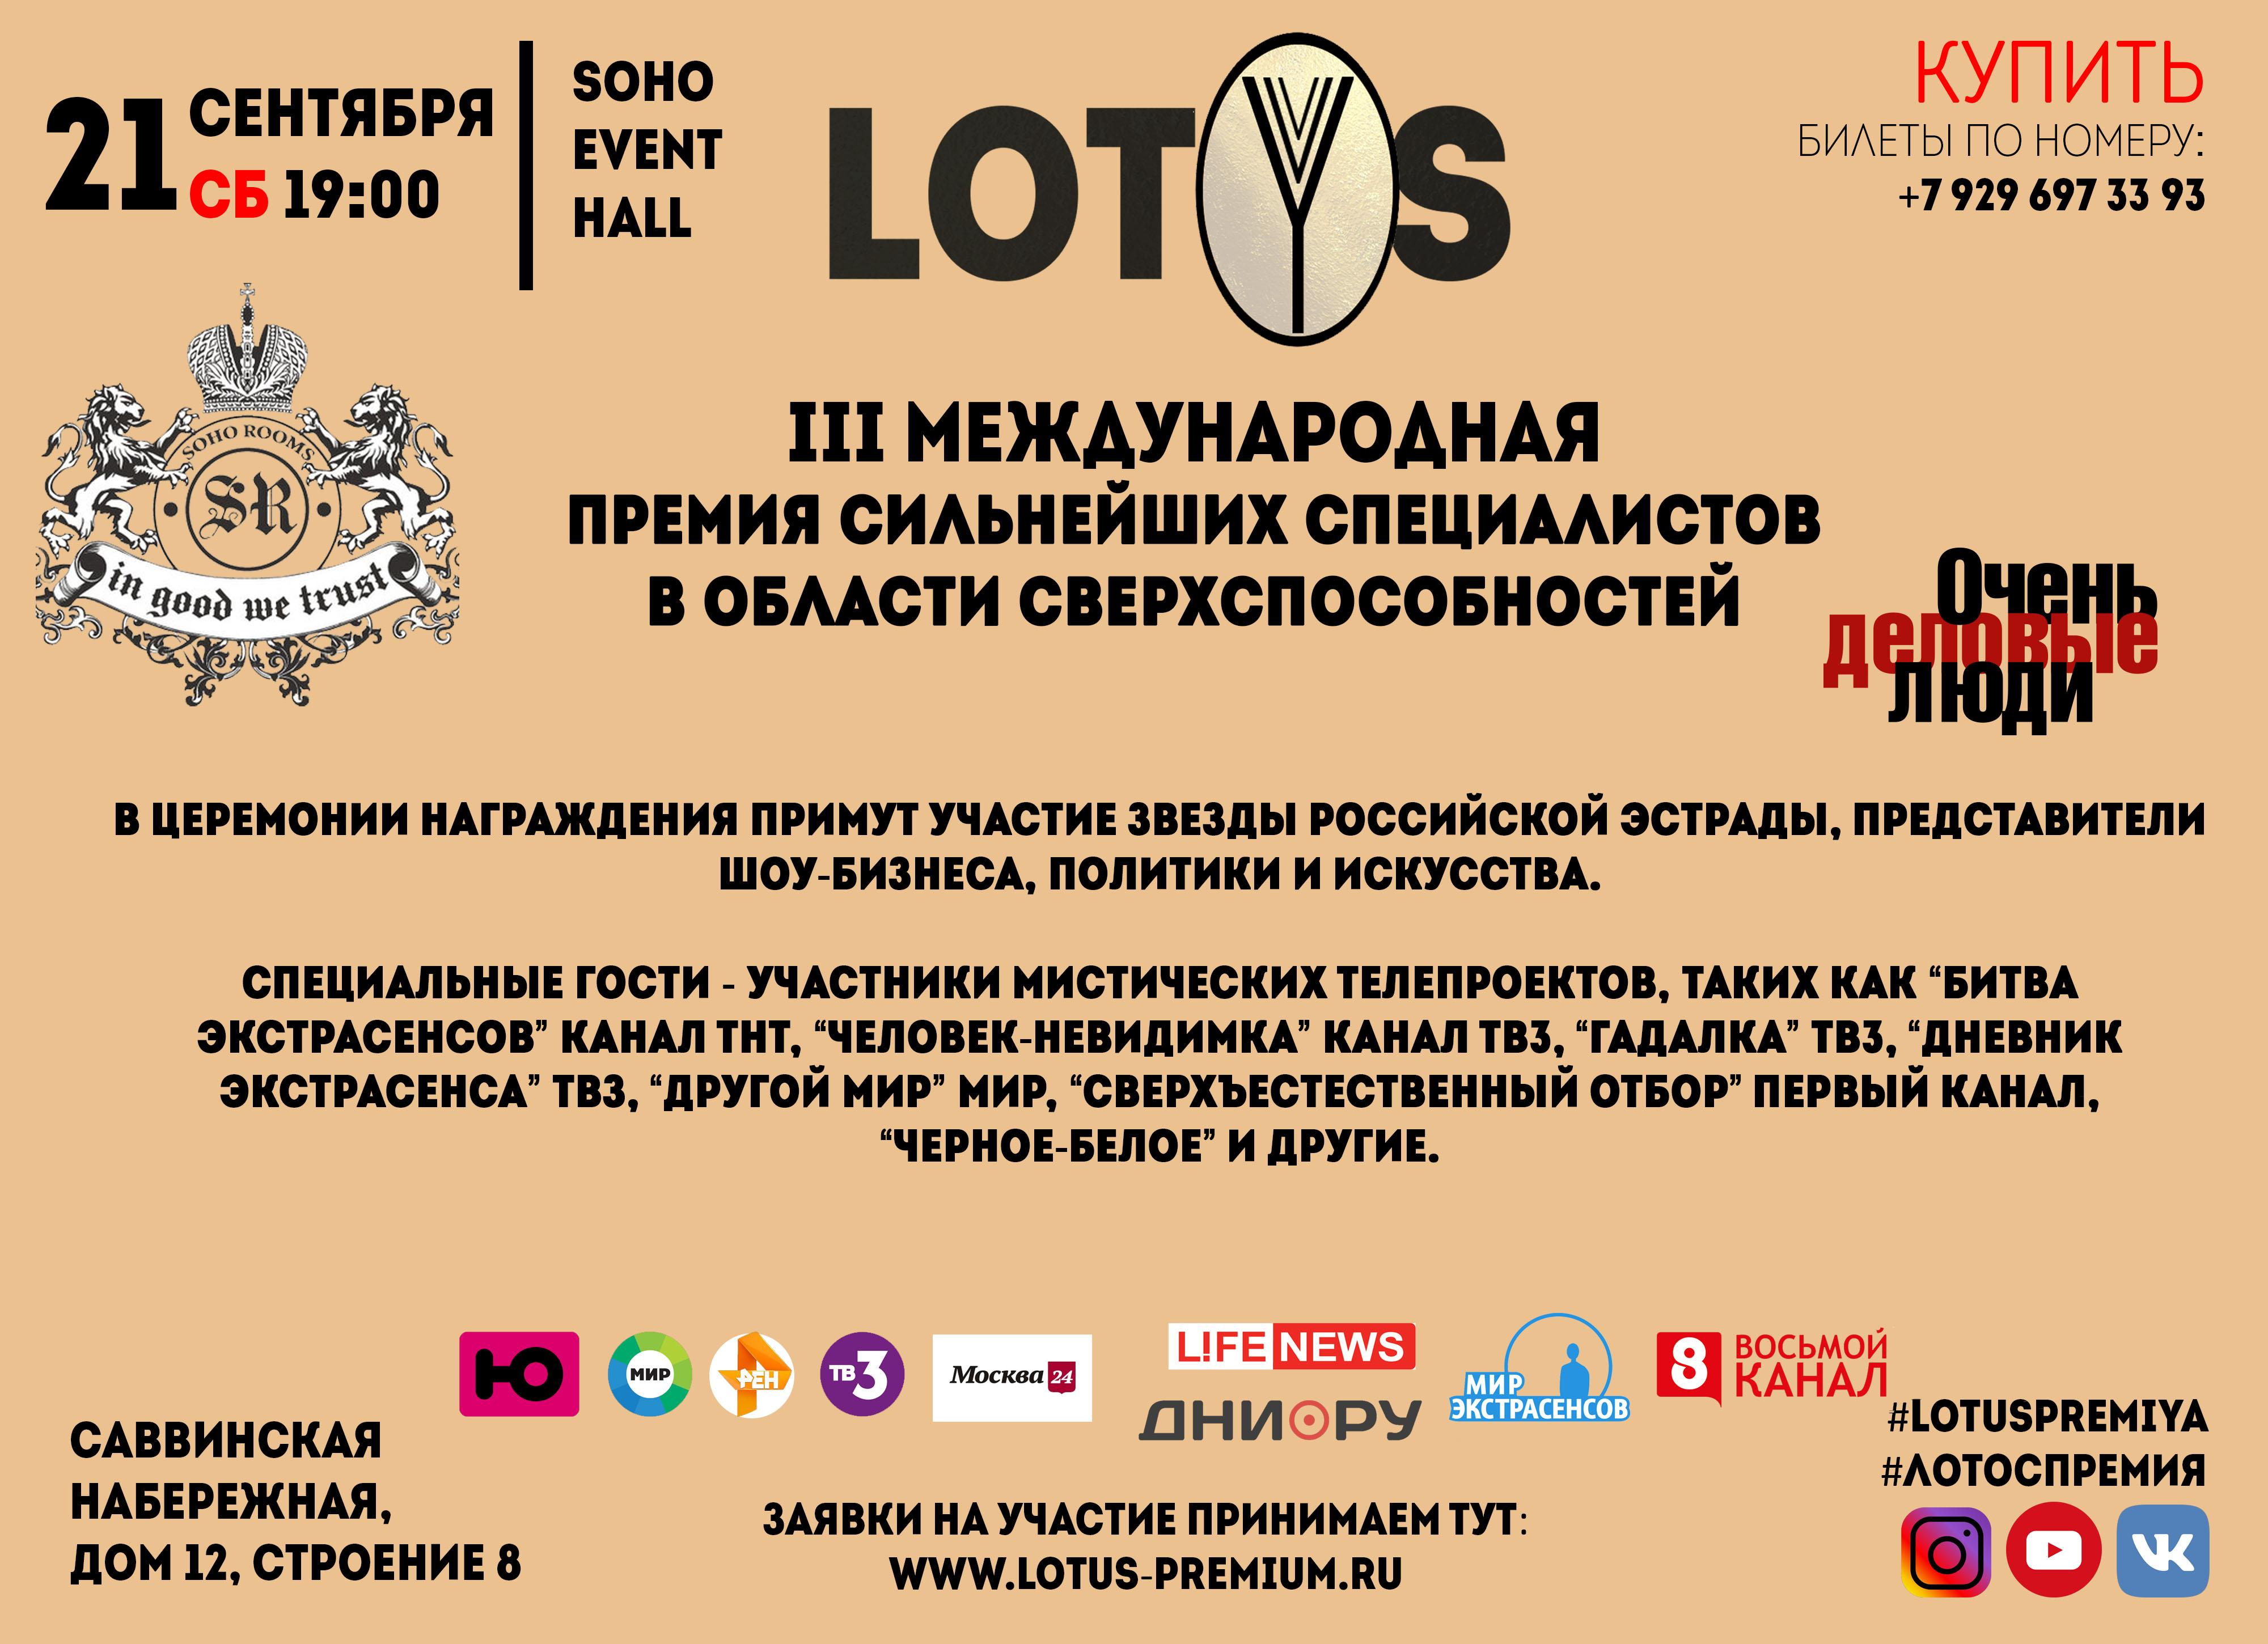 """21 сентября 2019 г. в Soho Rooms приглашаем Вас, принять участие в III-Международной Премии сверхспособностей человека """"Лотос"""" (""""LOTYS"""")."""